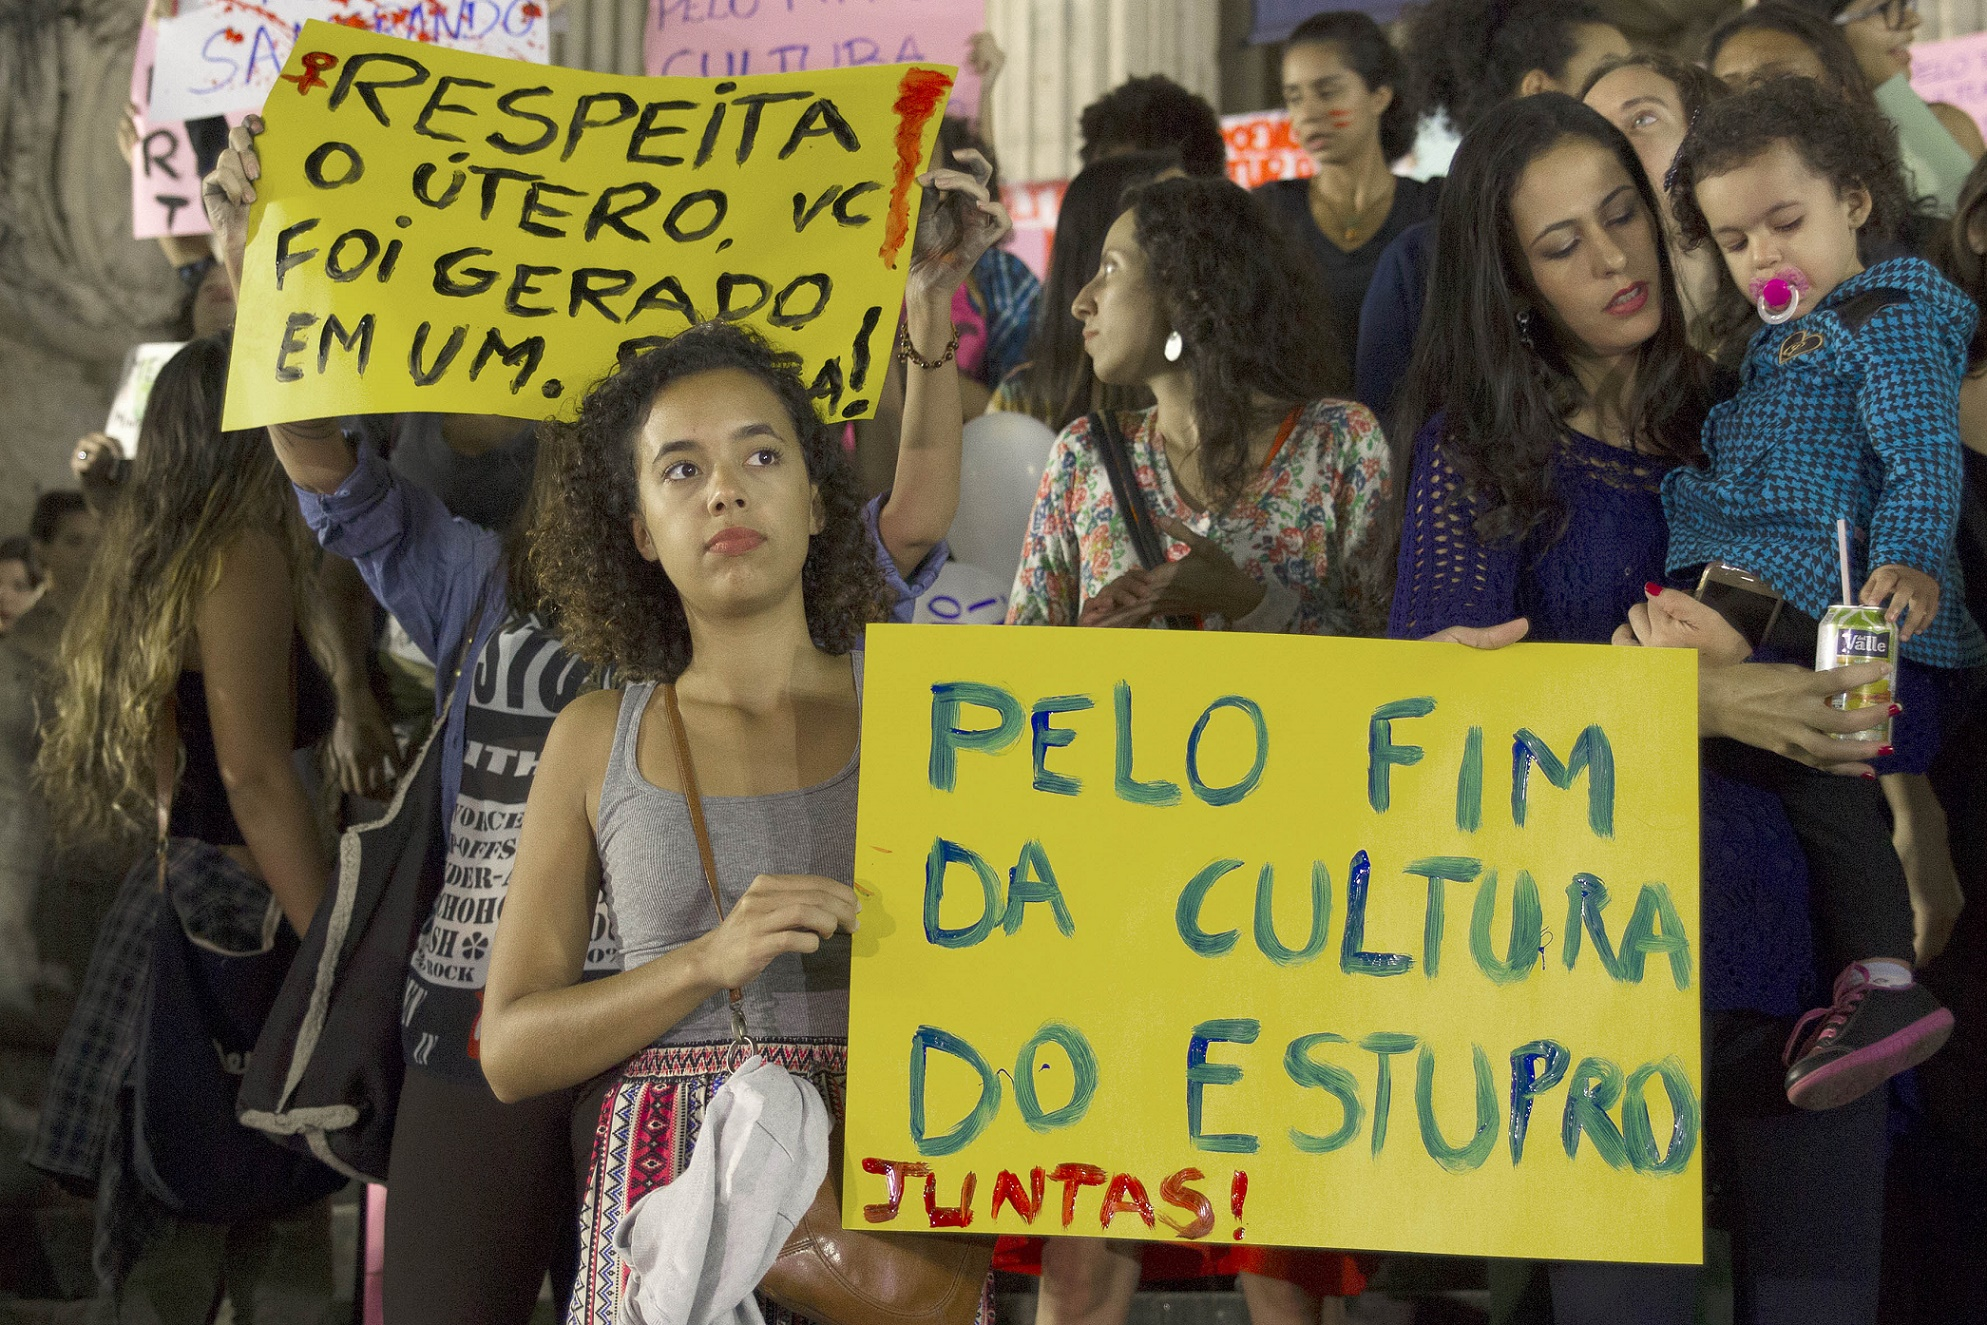 Protesto em frente à Assembléia Legislativa do Rio de Janeiro contra a cultura do estupro